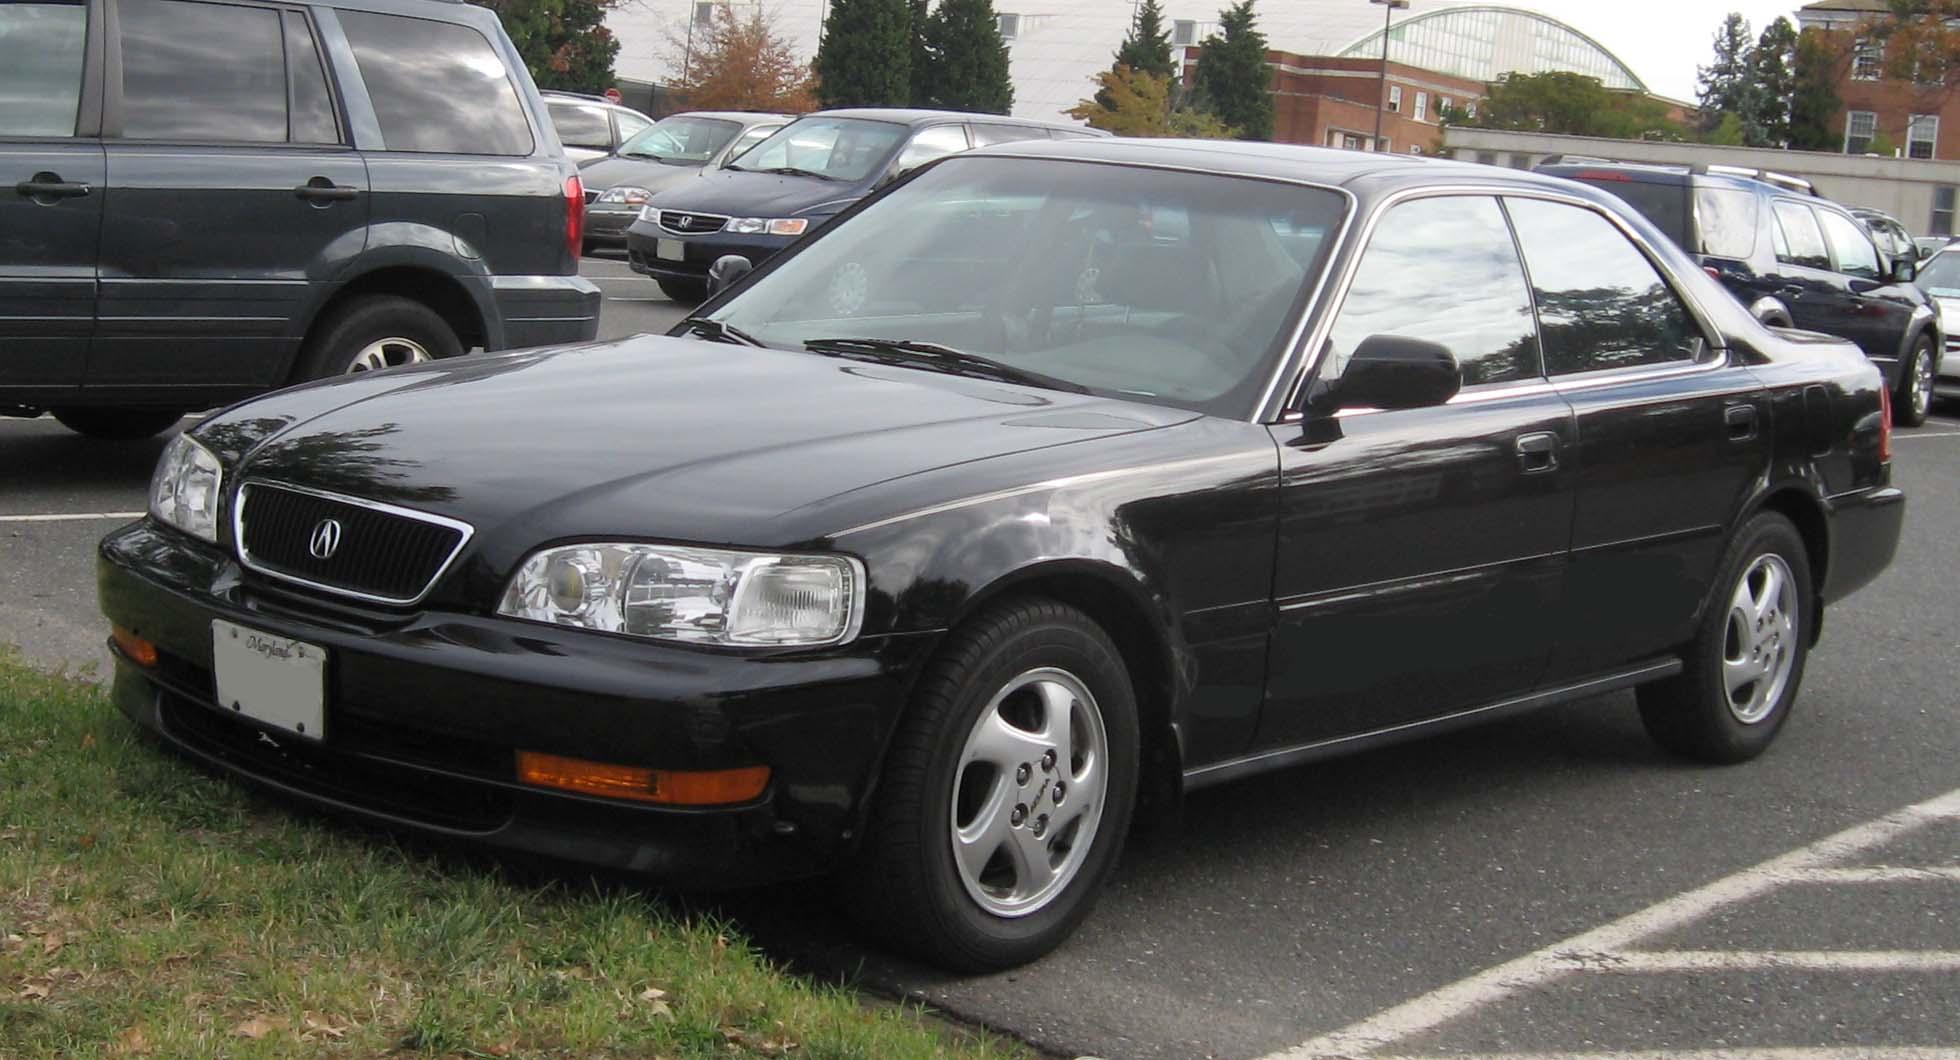 File:96-98 Acura TL.jpg